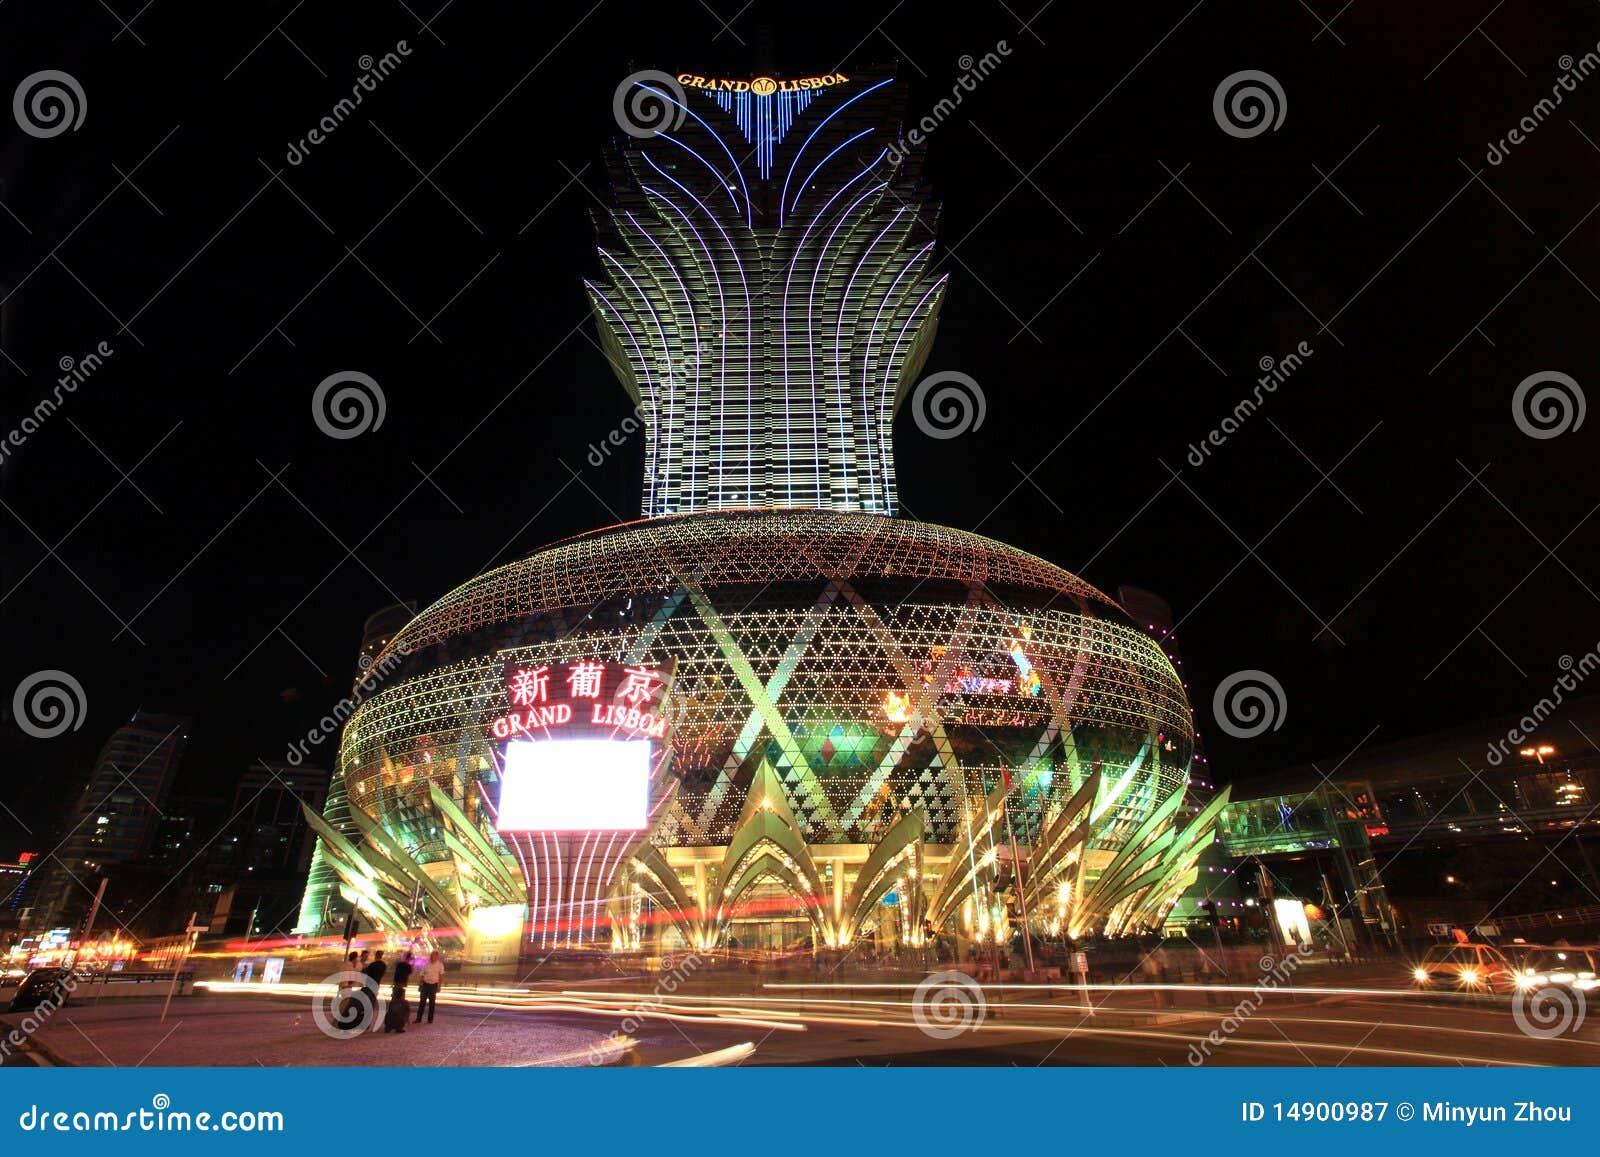 Macao china casino david walsh gambling tasmania